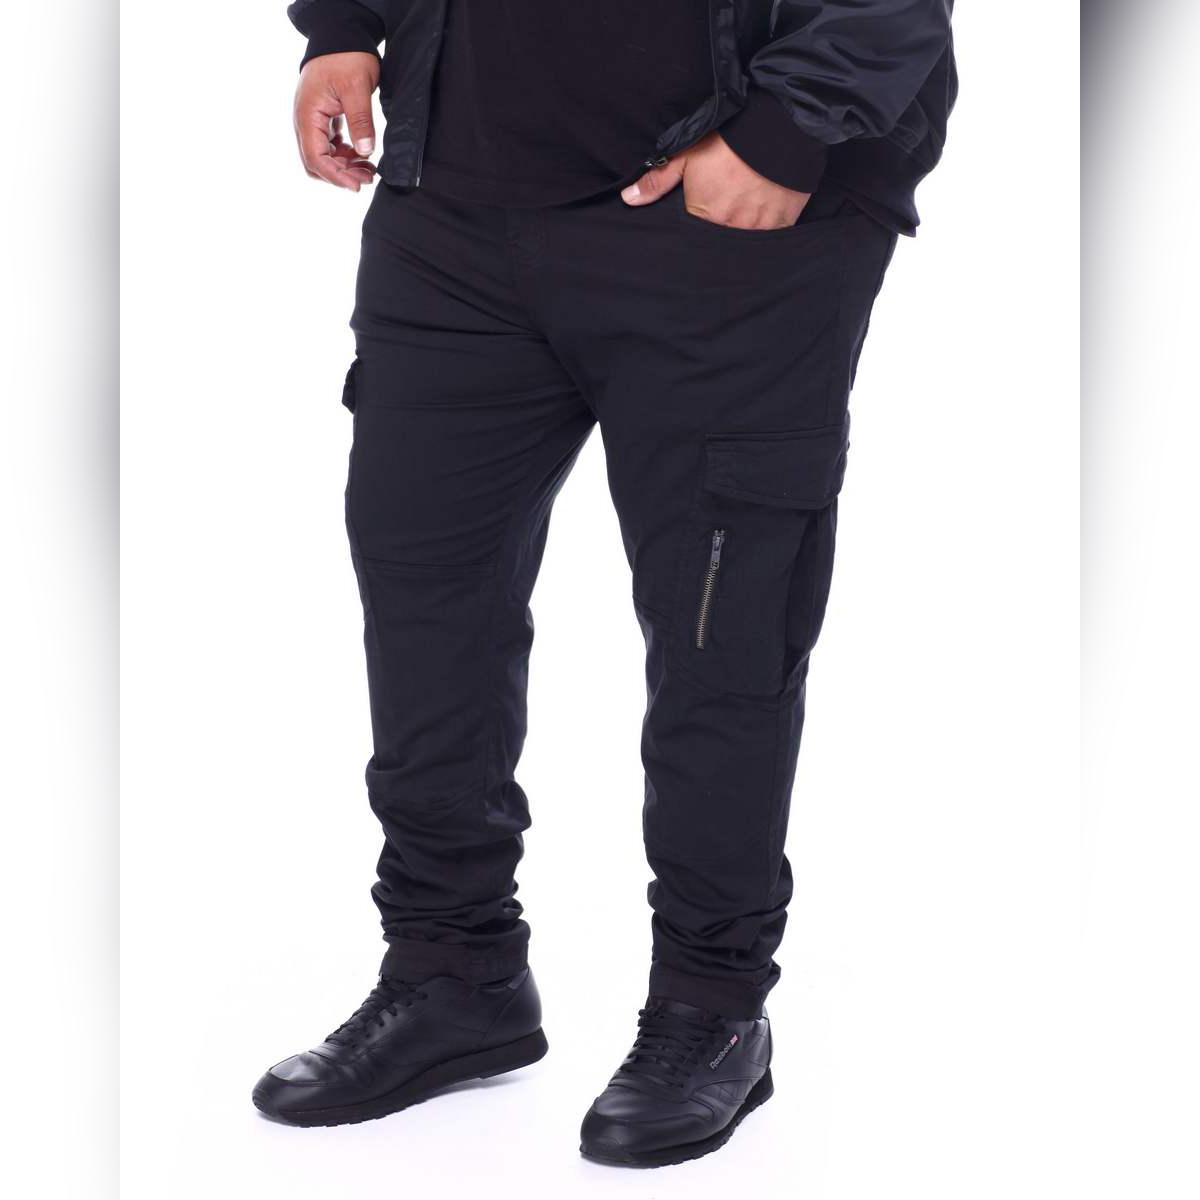 HASHBACK BLACK  STRETCHABLE CARGO